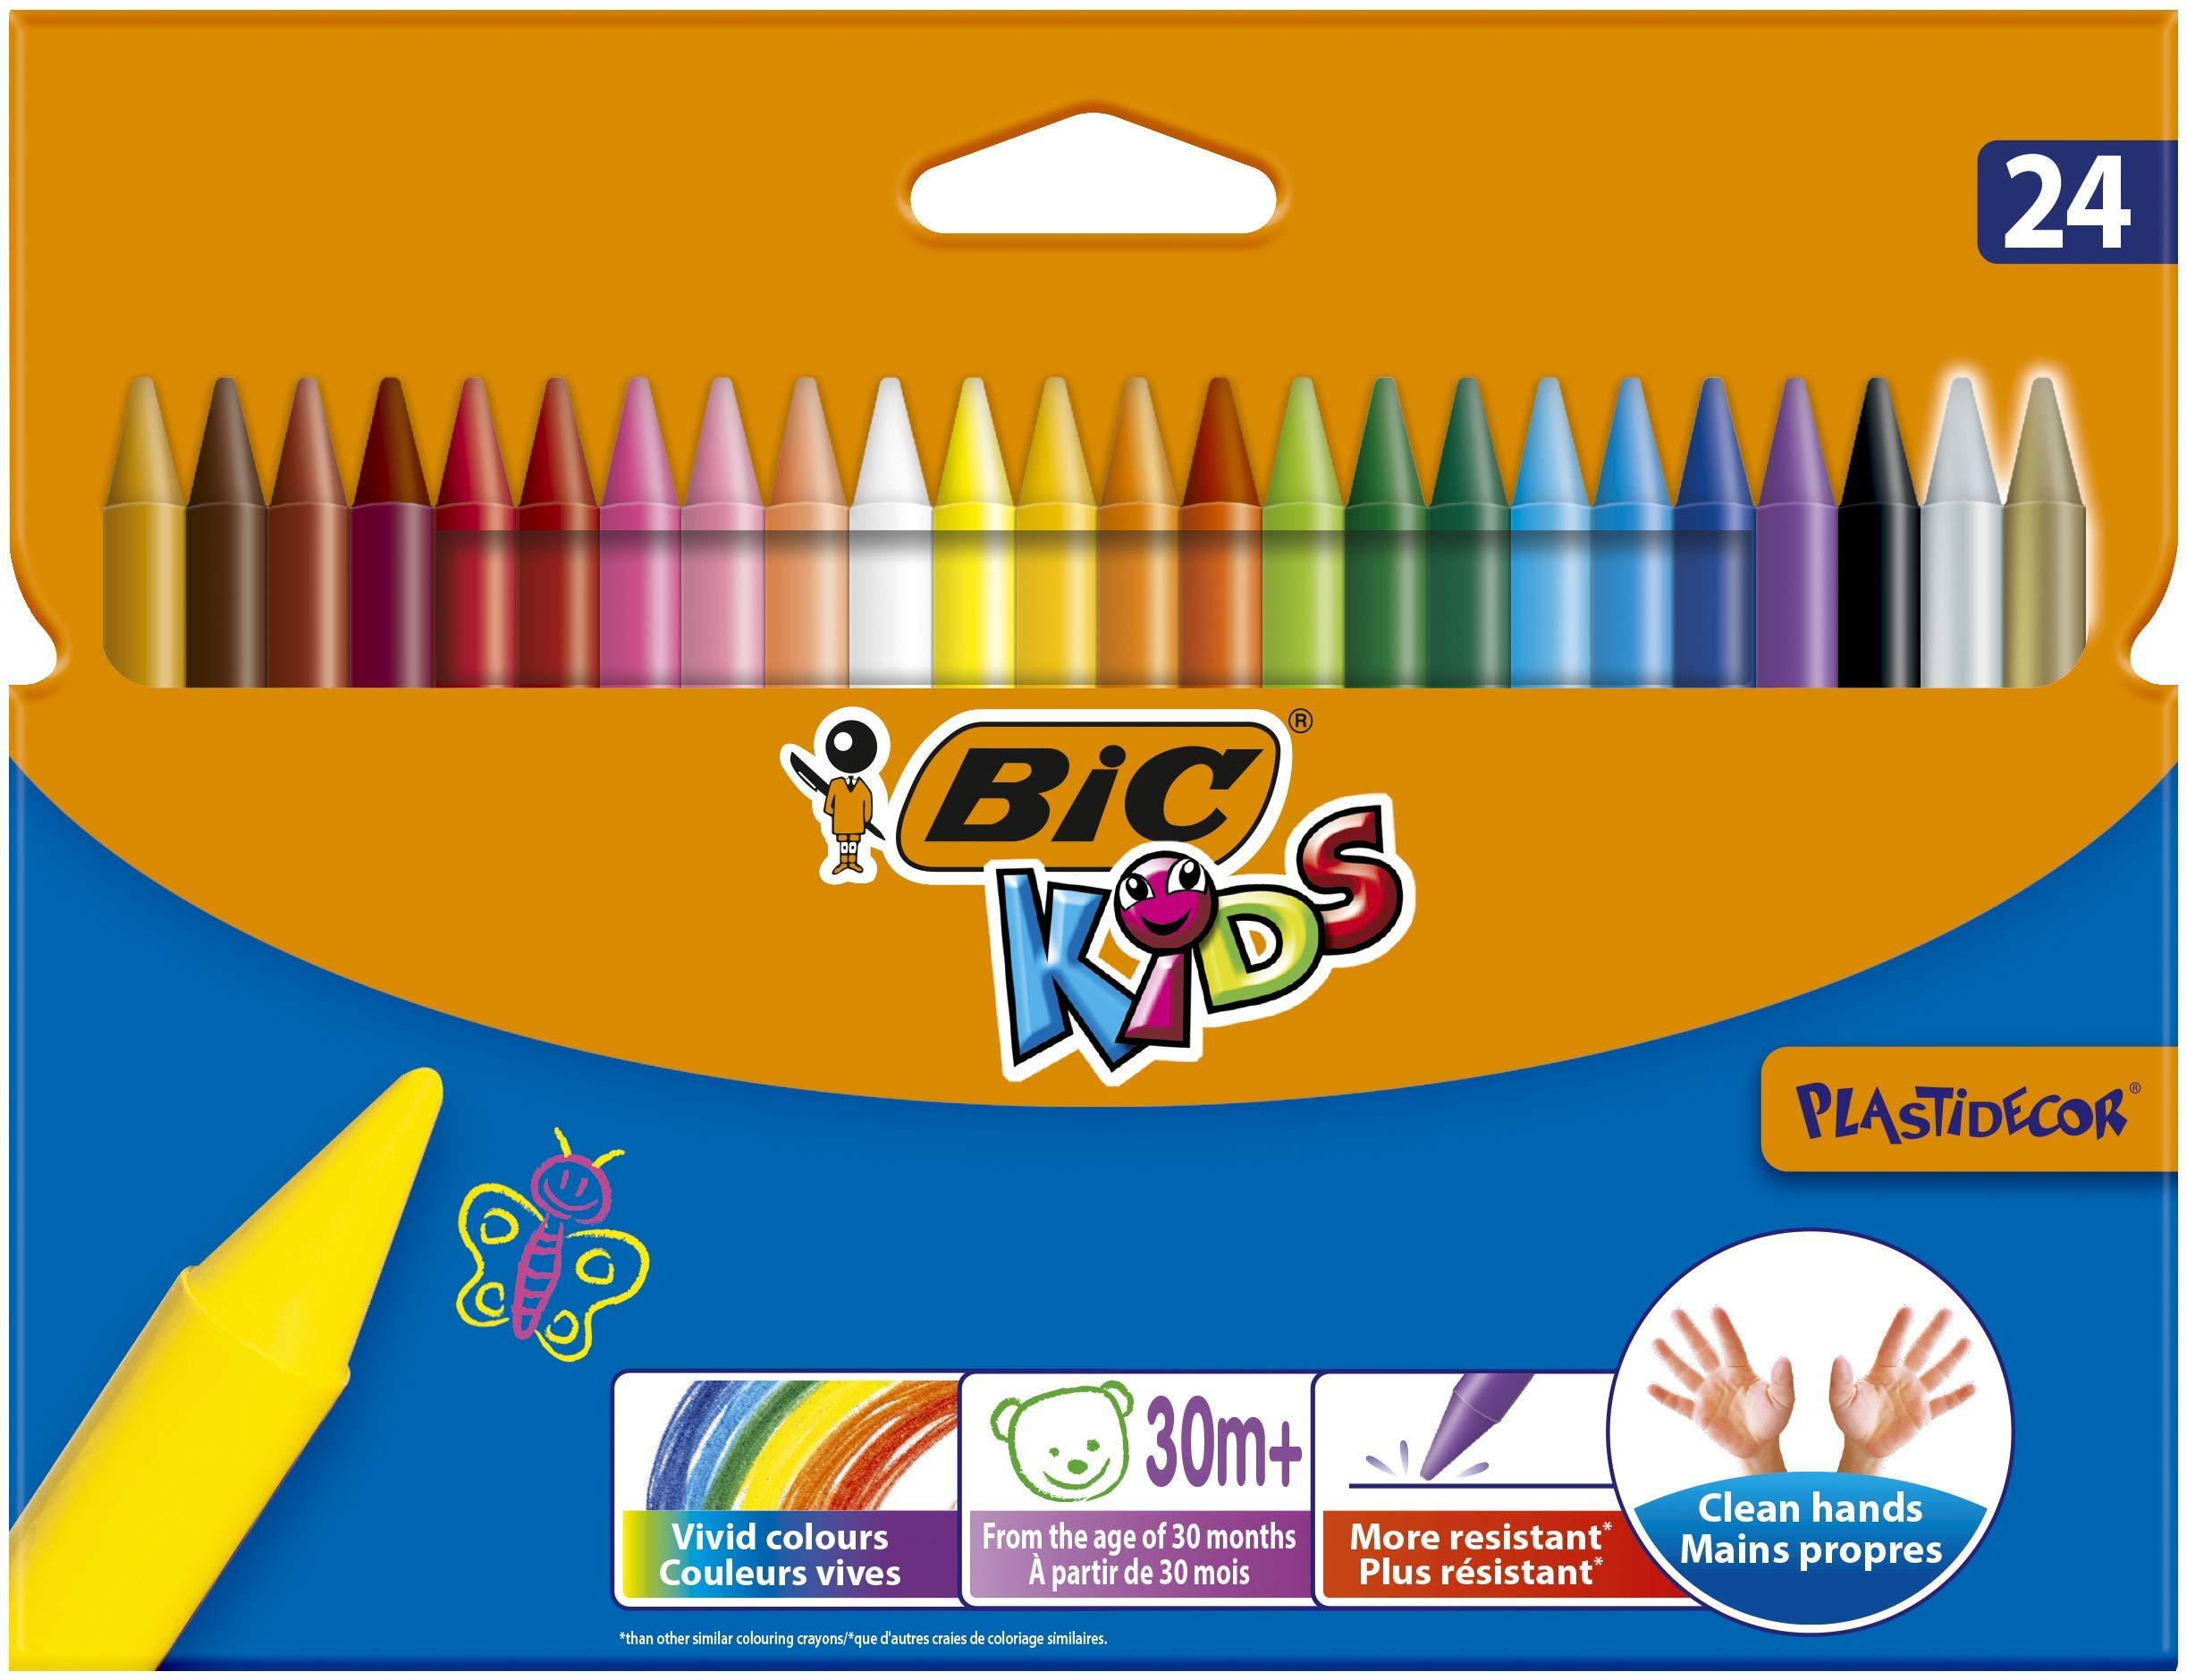 Niños Plastidecor Crayons Color Dureza larga duración afilable Vivid Surtido Ref. 829772 [Pack de 24]: Amazon.es: Oficina y papelería